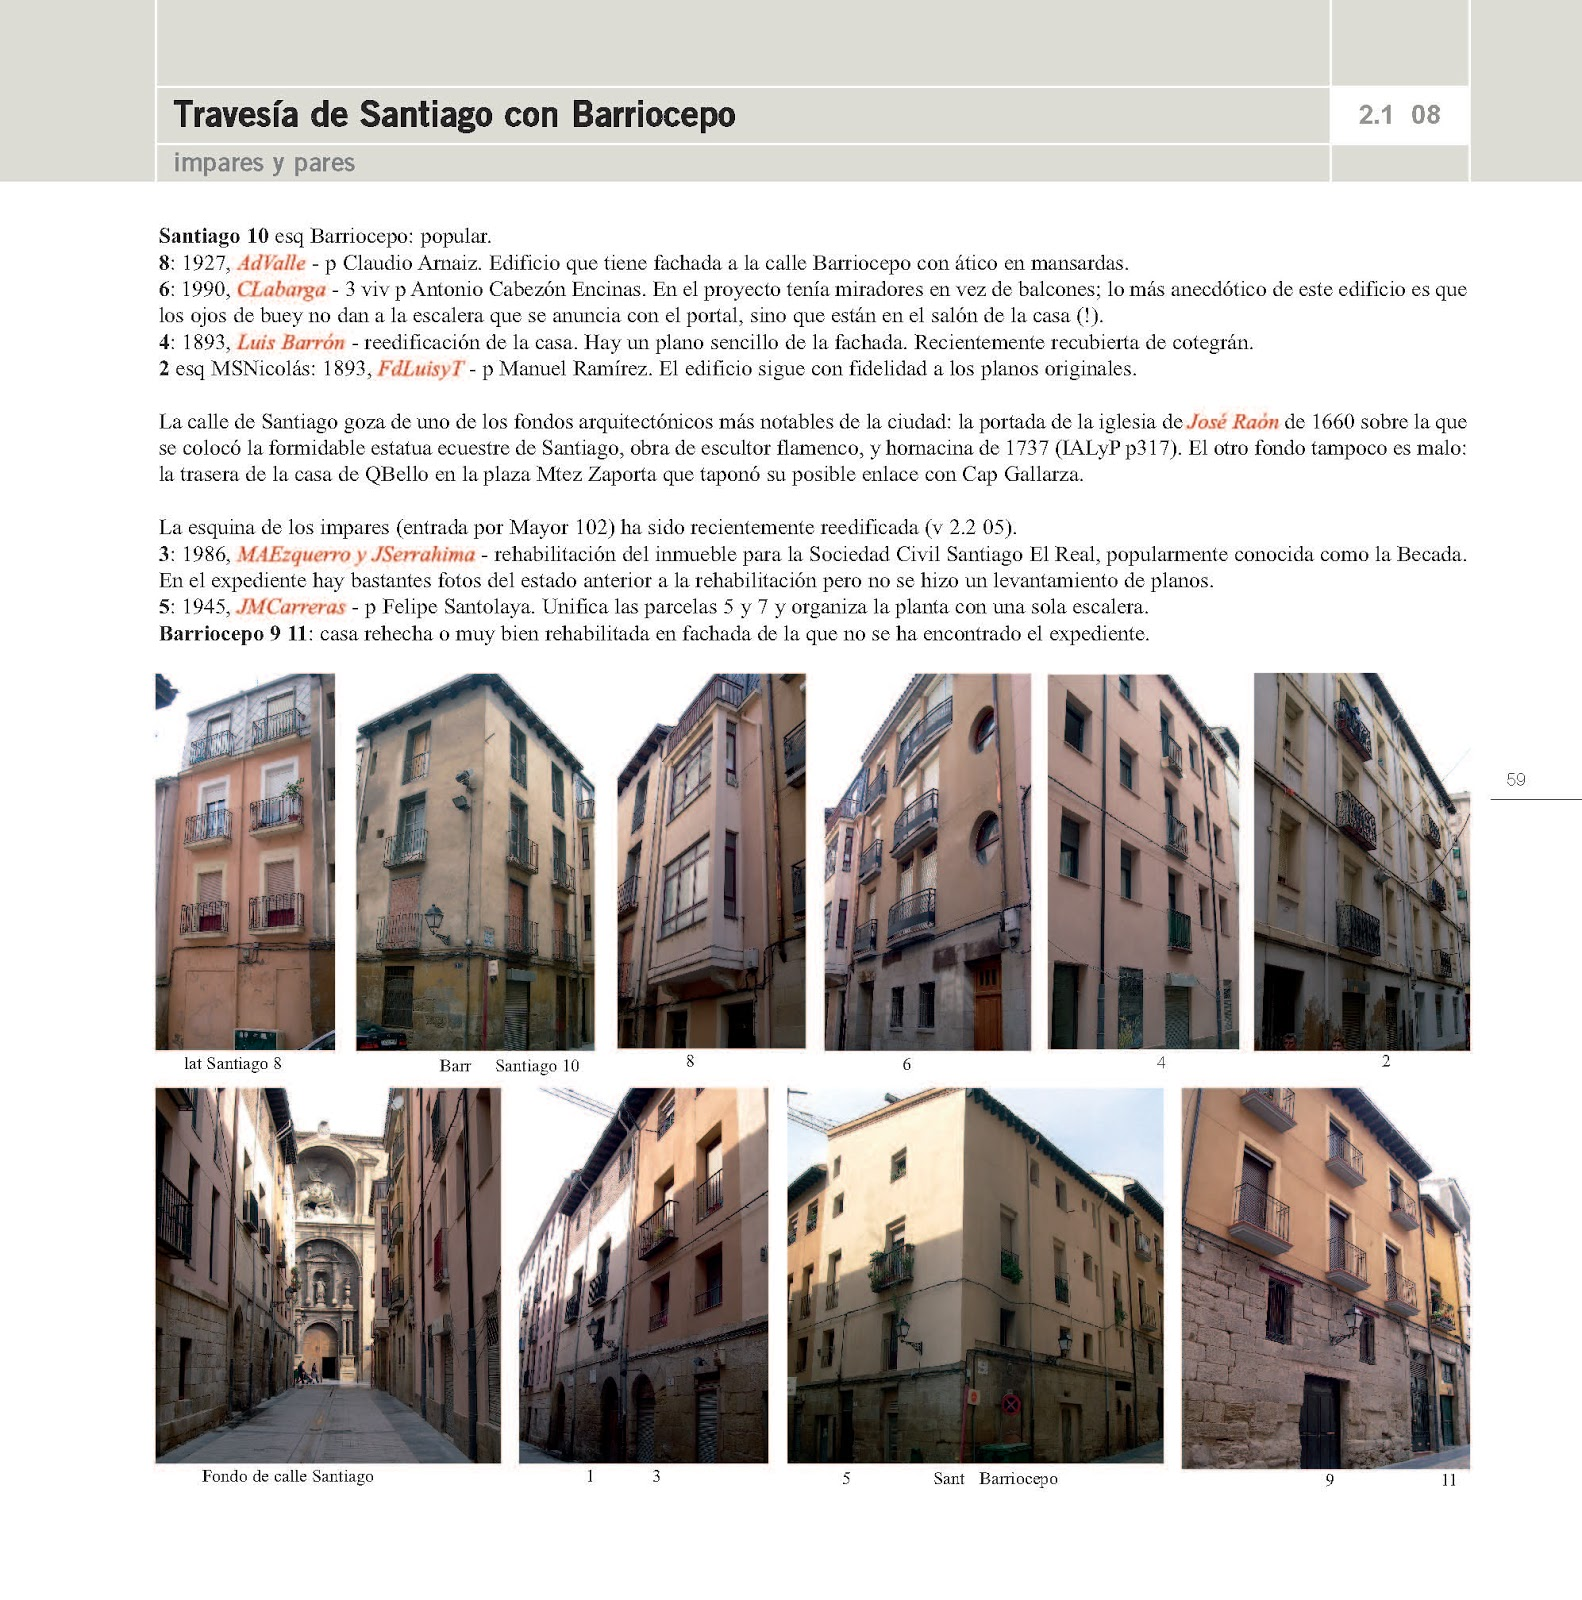 Guia De Arquitectura De Logro O Paginas 2 1 08 Travesia